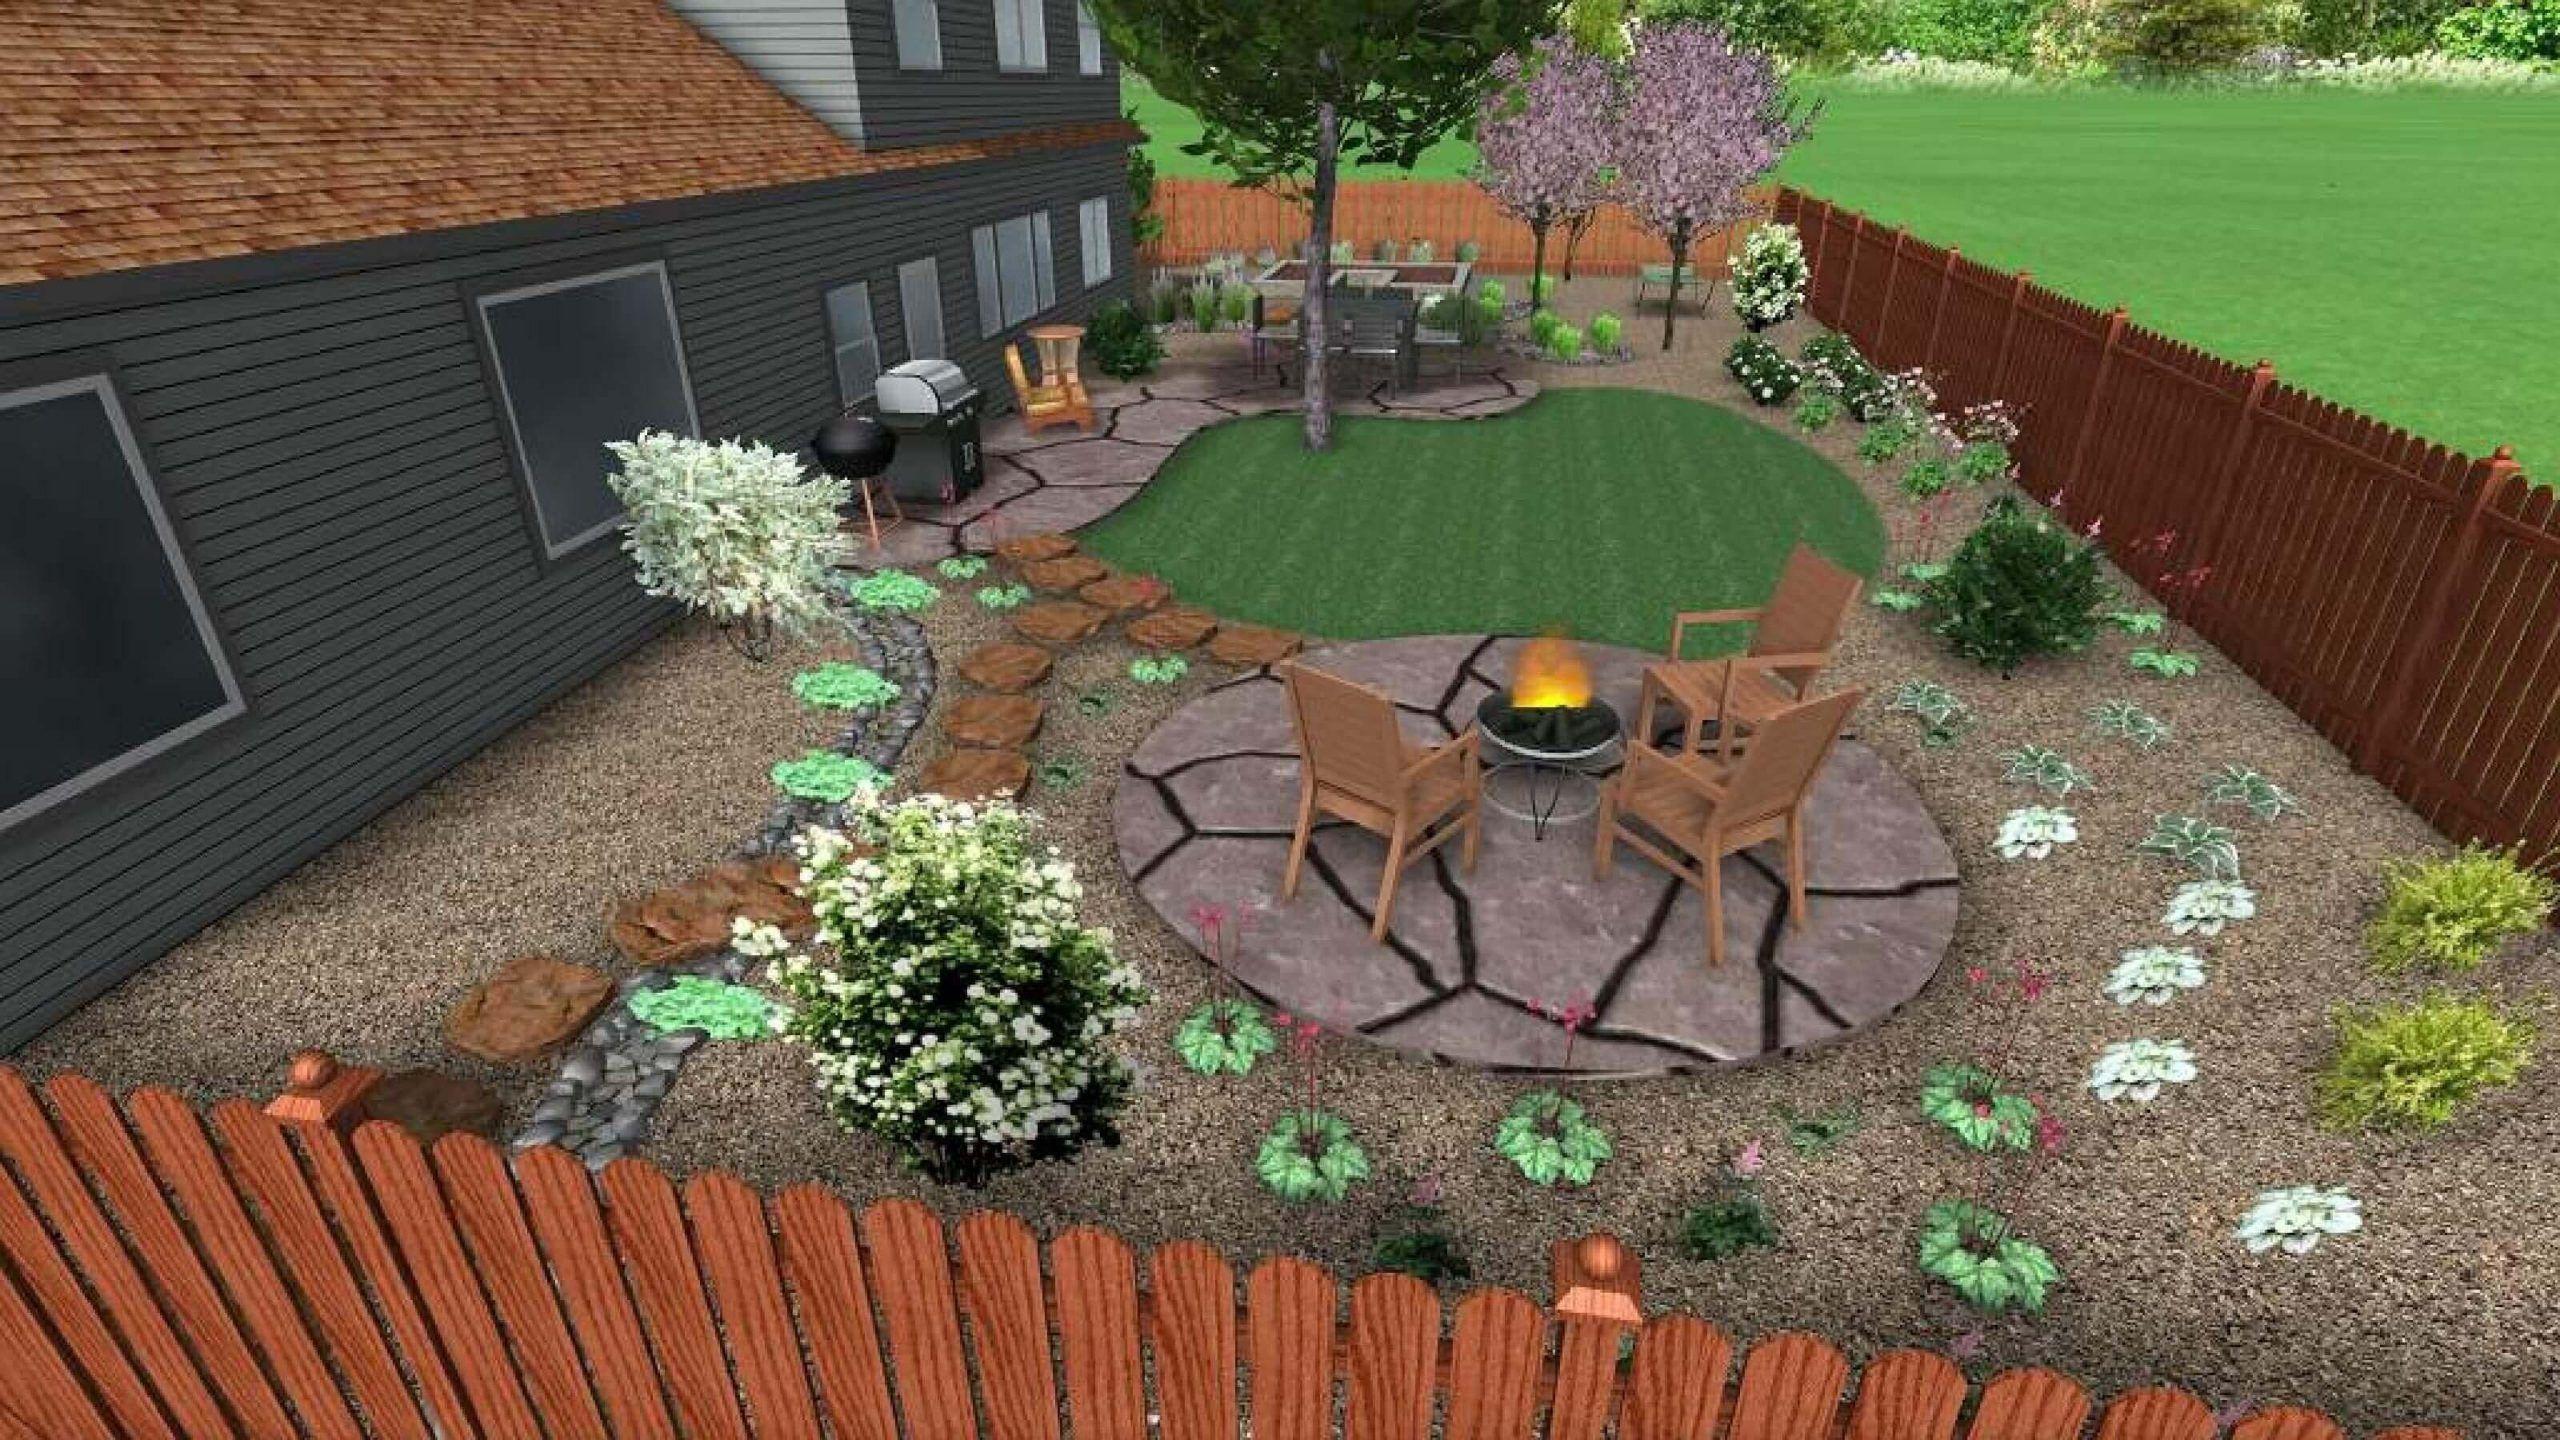 Backyard Landscape Design Online Online Landscape Design Landscape Design Services Backyard Landscaping Designs Backyard landscape design plans